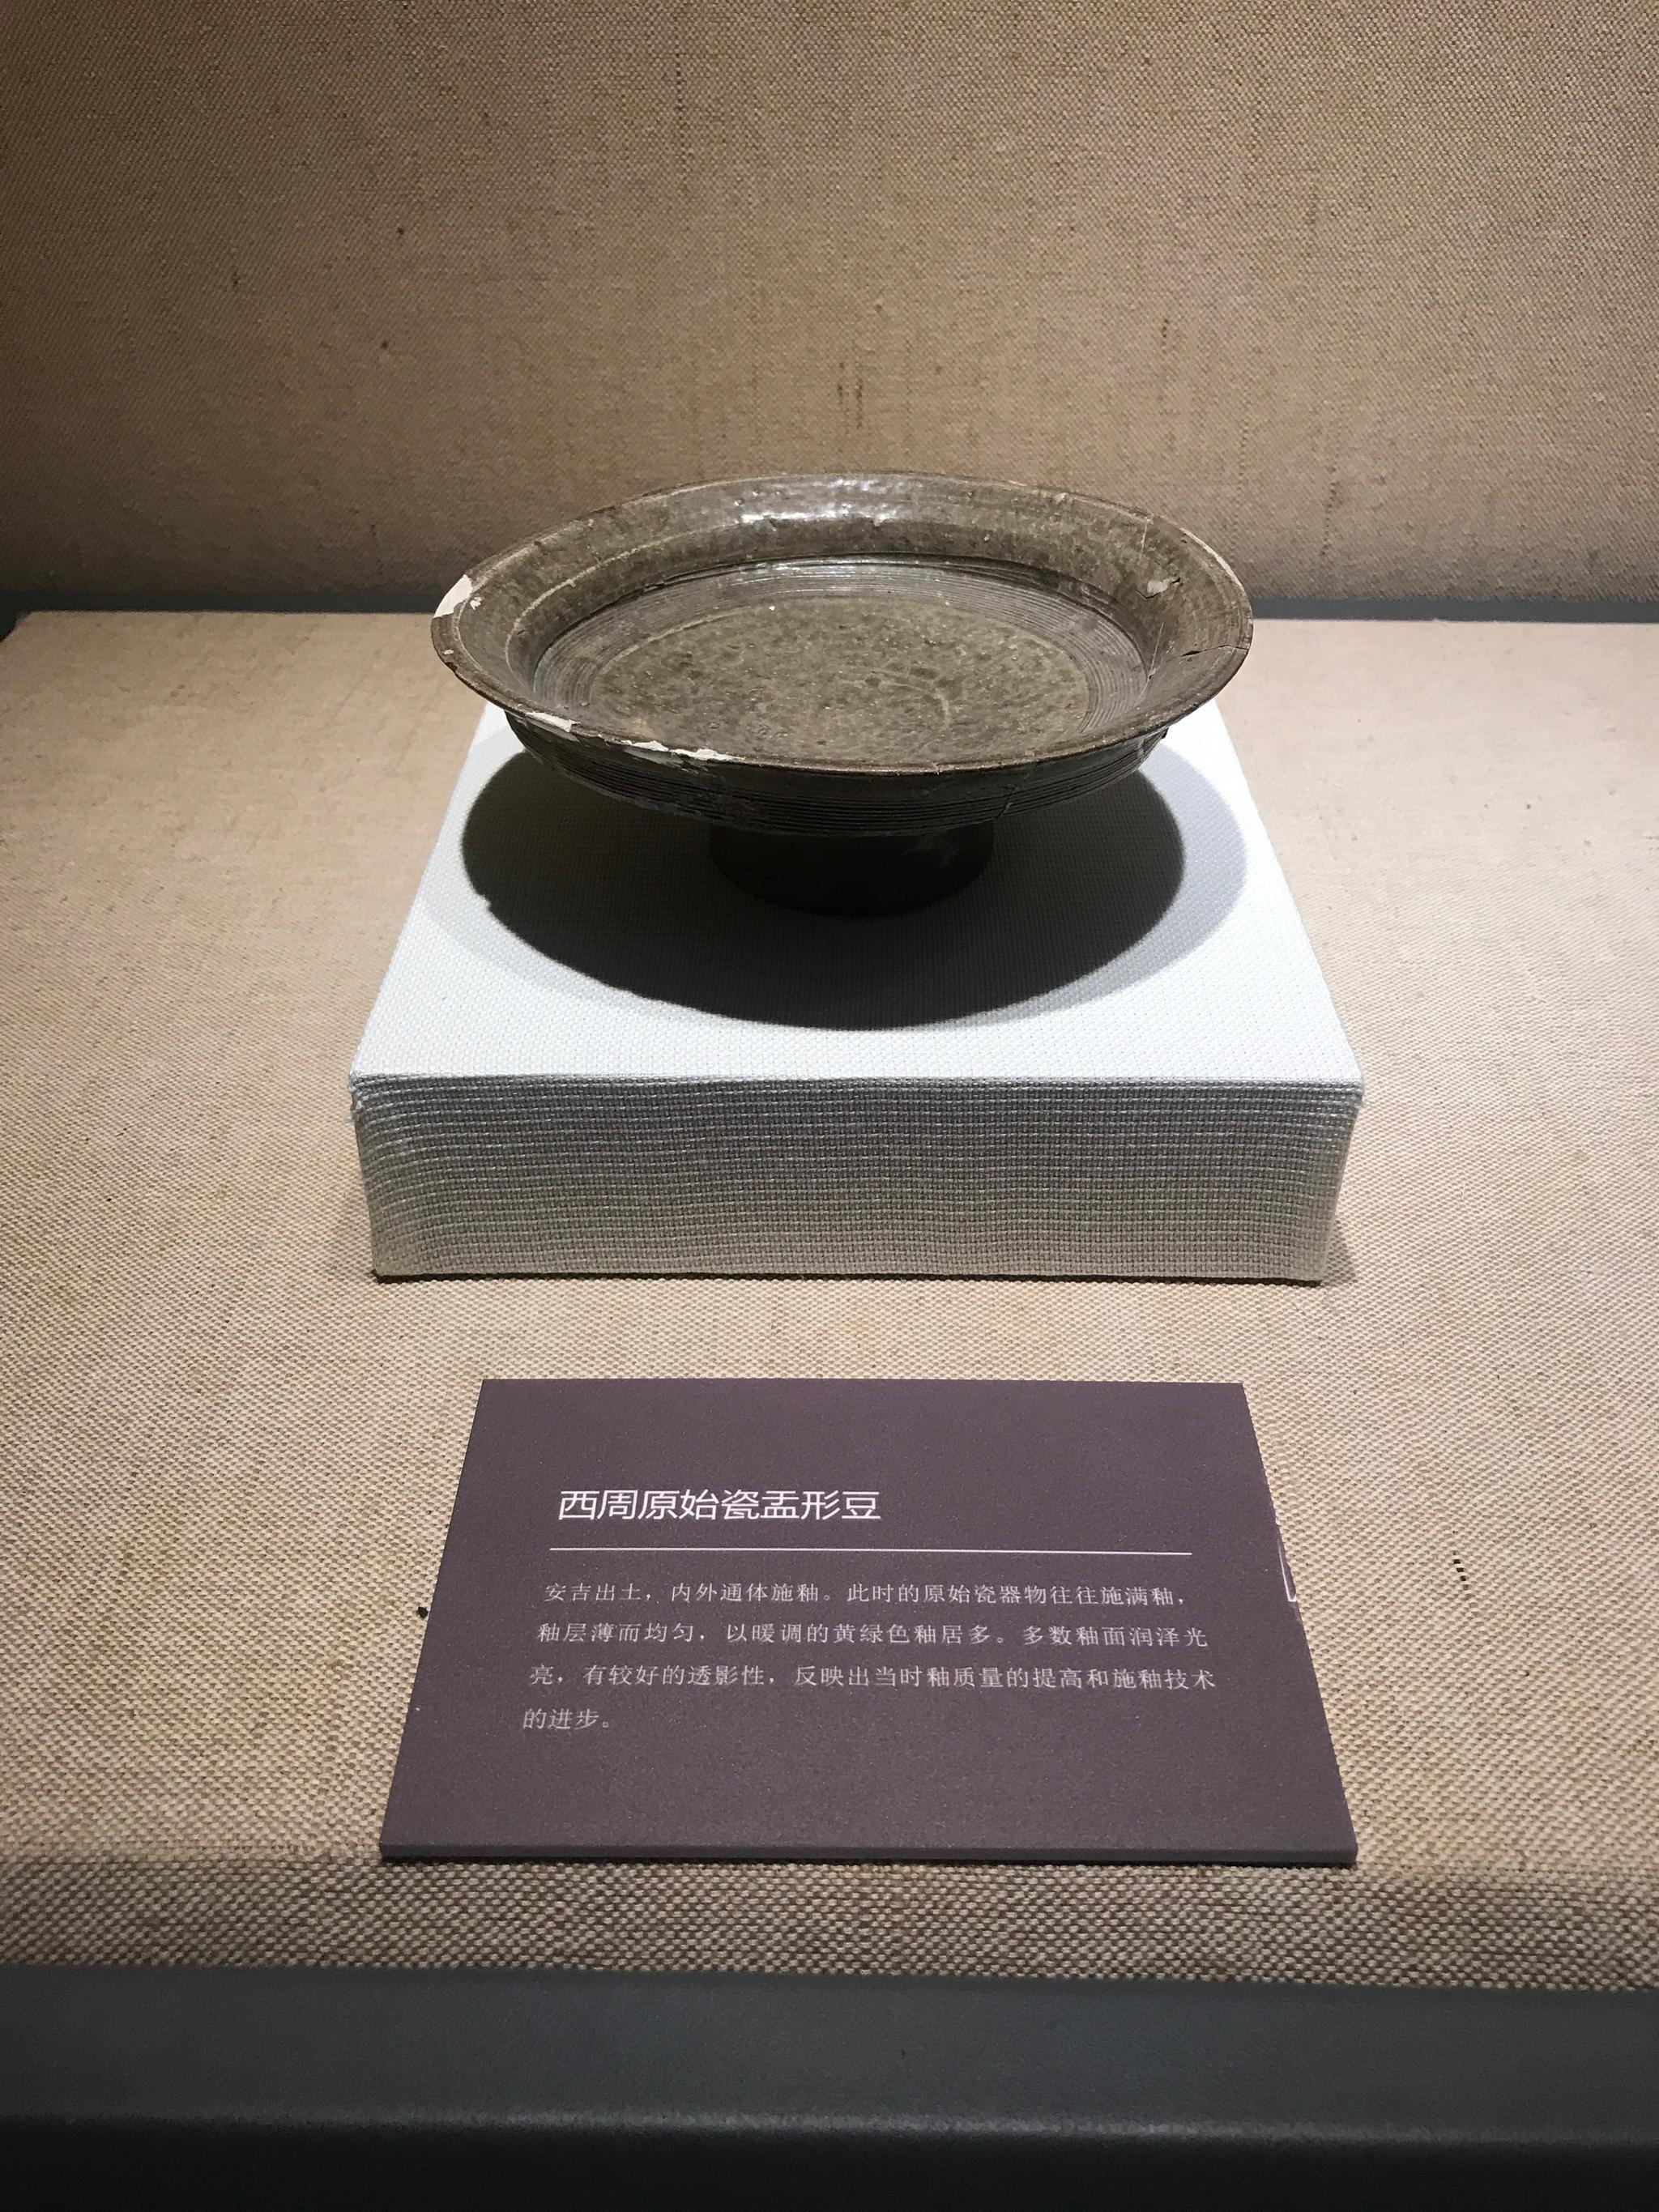 原始瓷器是在制陶技术的基础上发展而来的